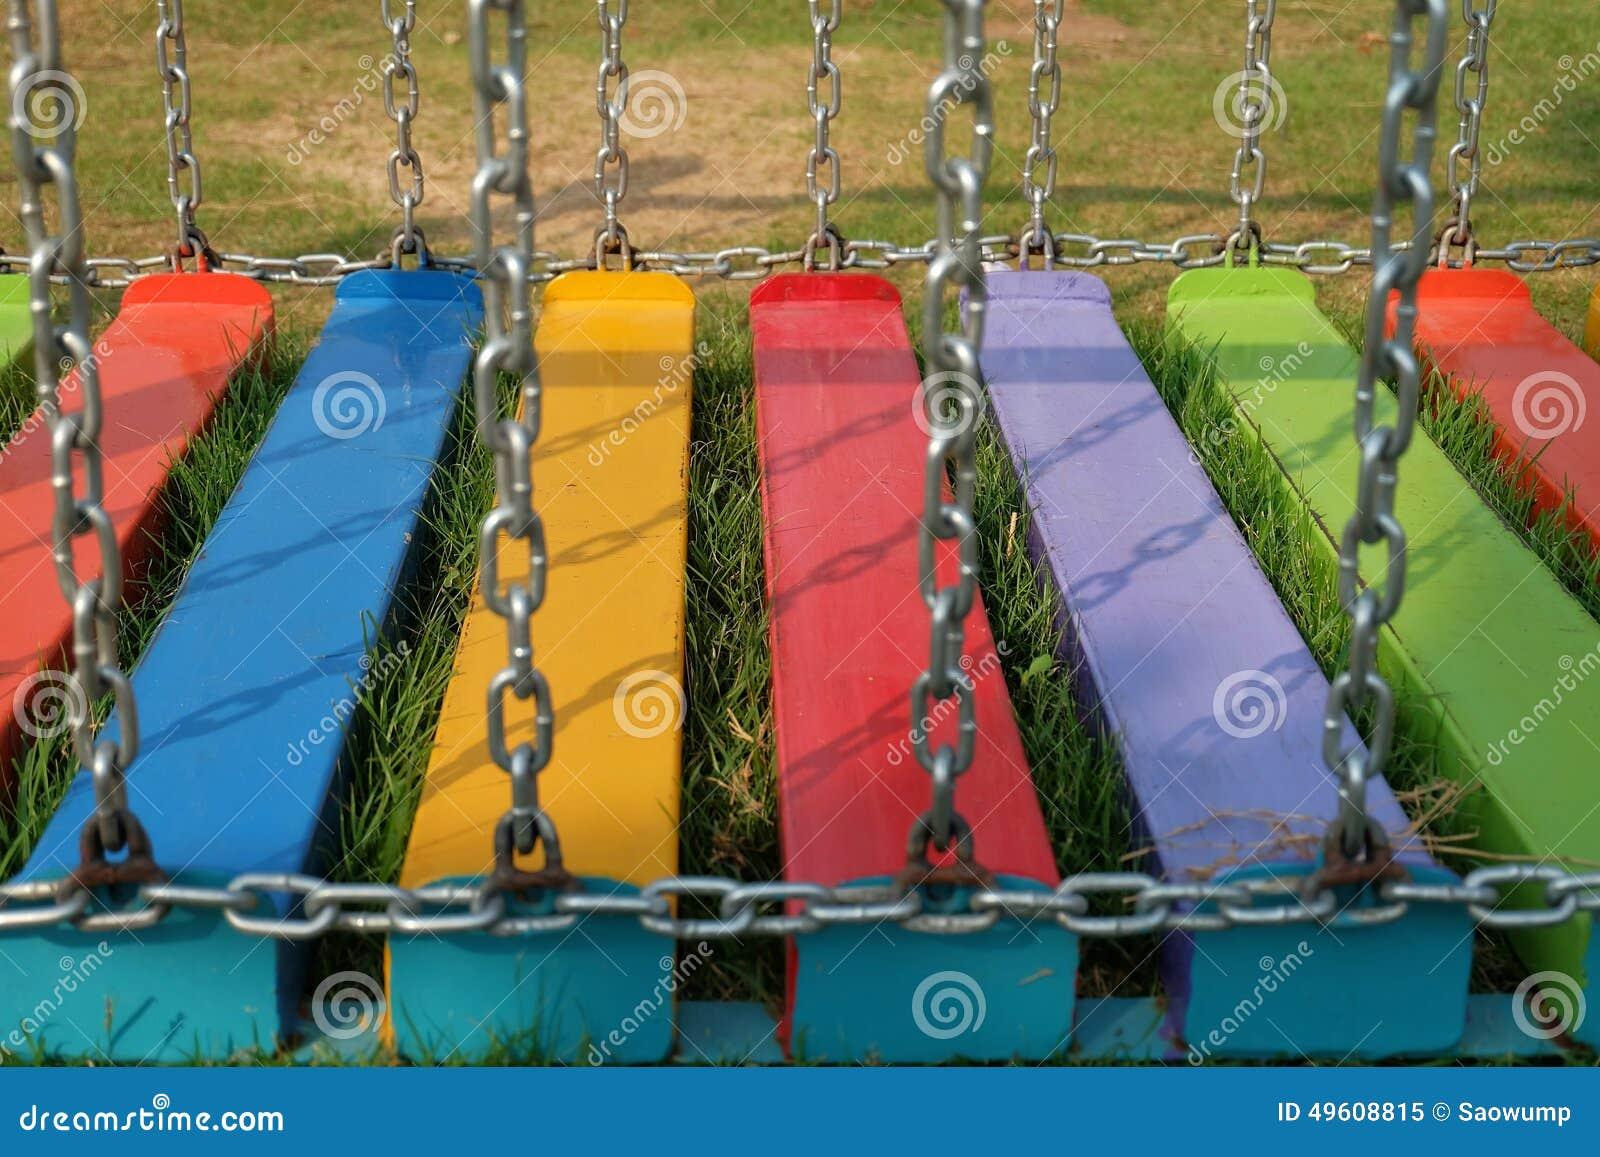 couleur de terrain de jeu image stock image du herbe 49608815. Black Bedroom Furniture Sets. Home Design Ideas